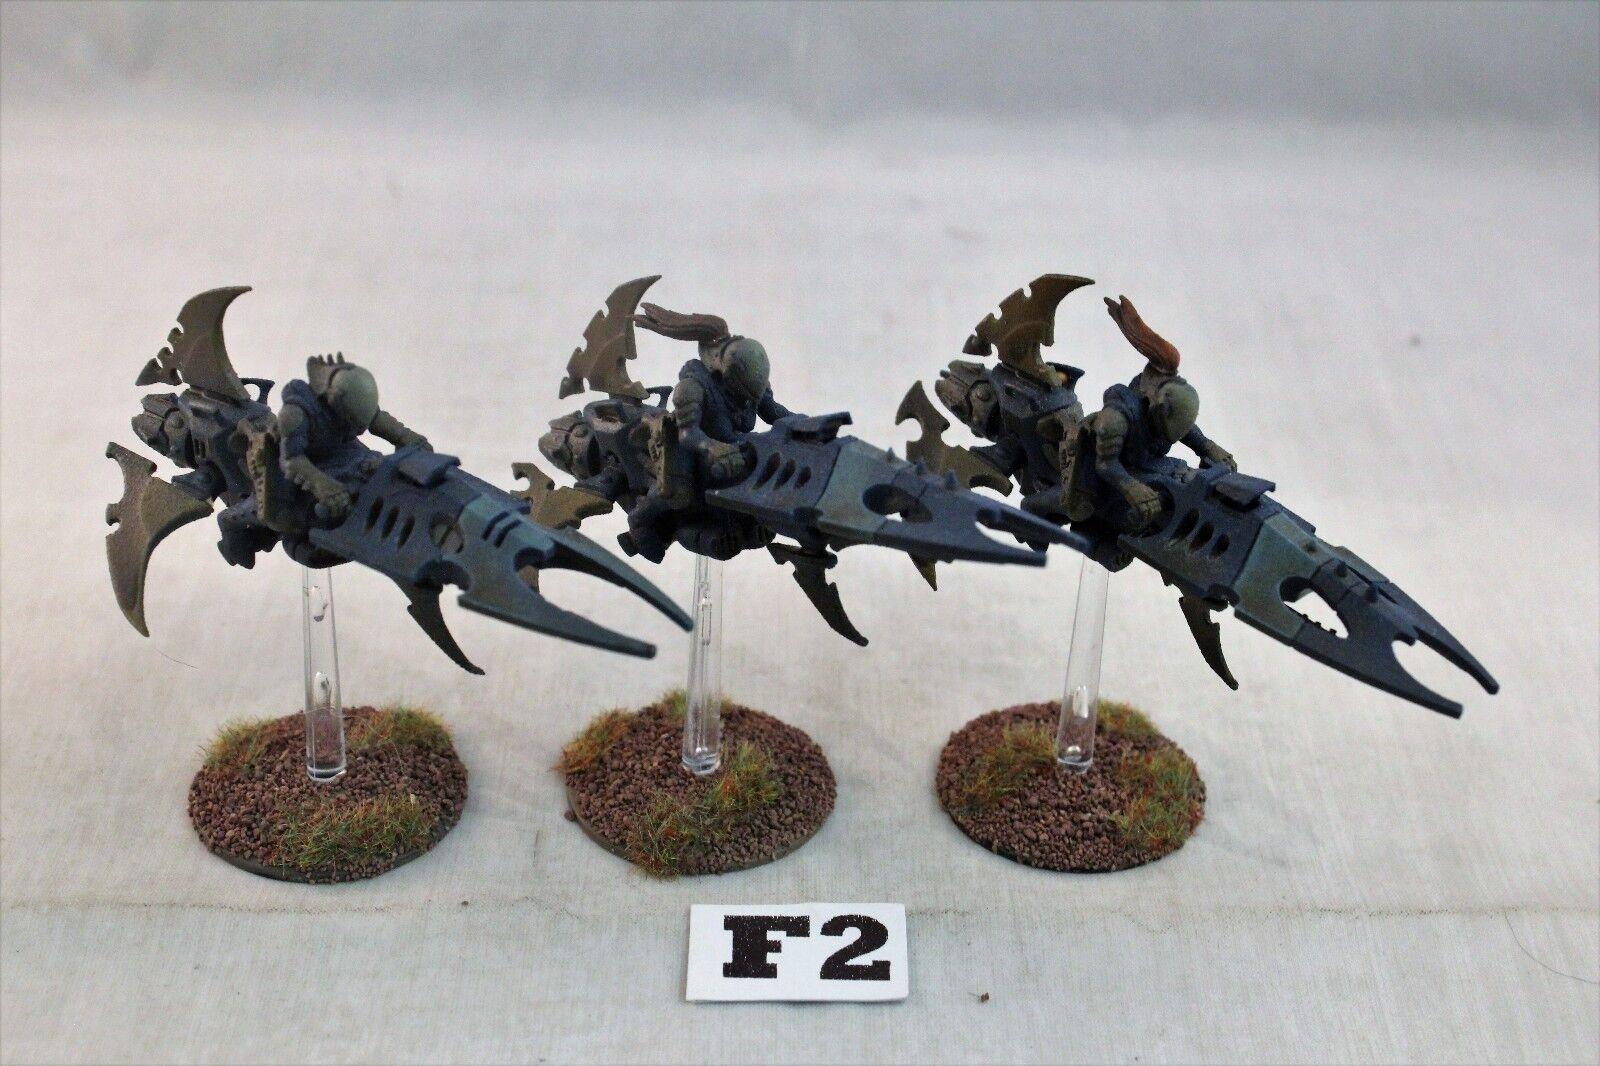 Warhammer DARK ELDAR Reaver jetbikes bien pintados